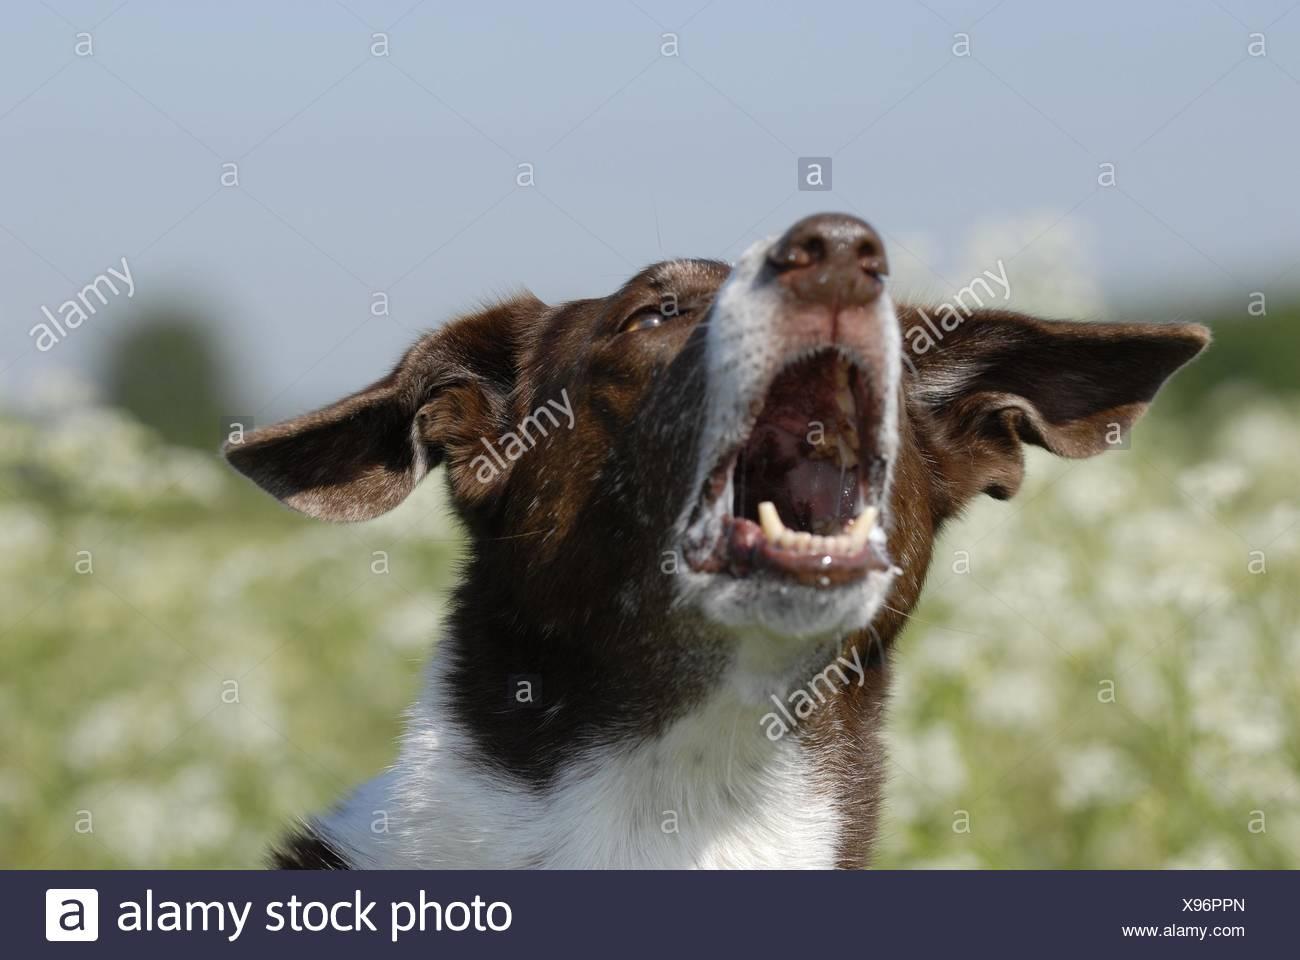 barking dog - Stock Image